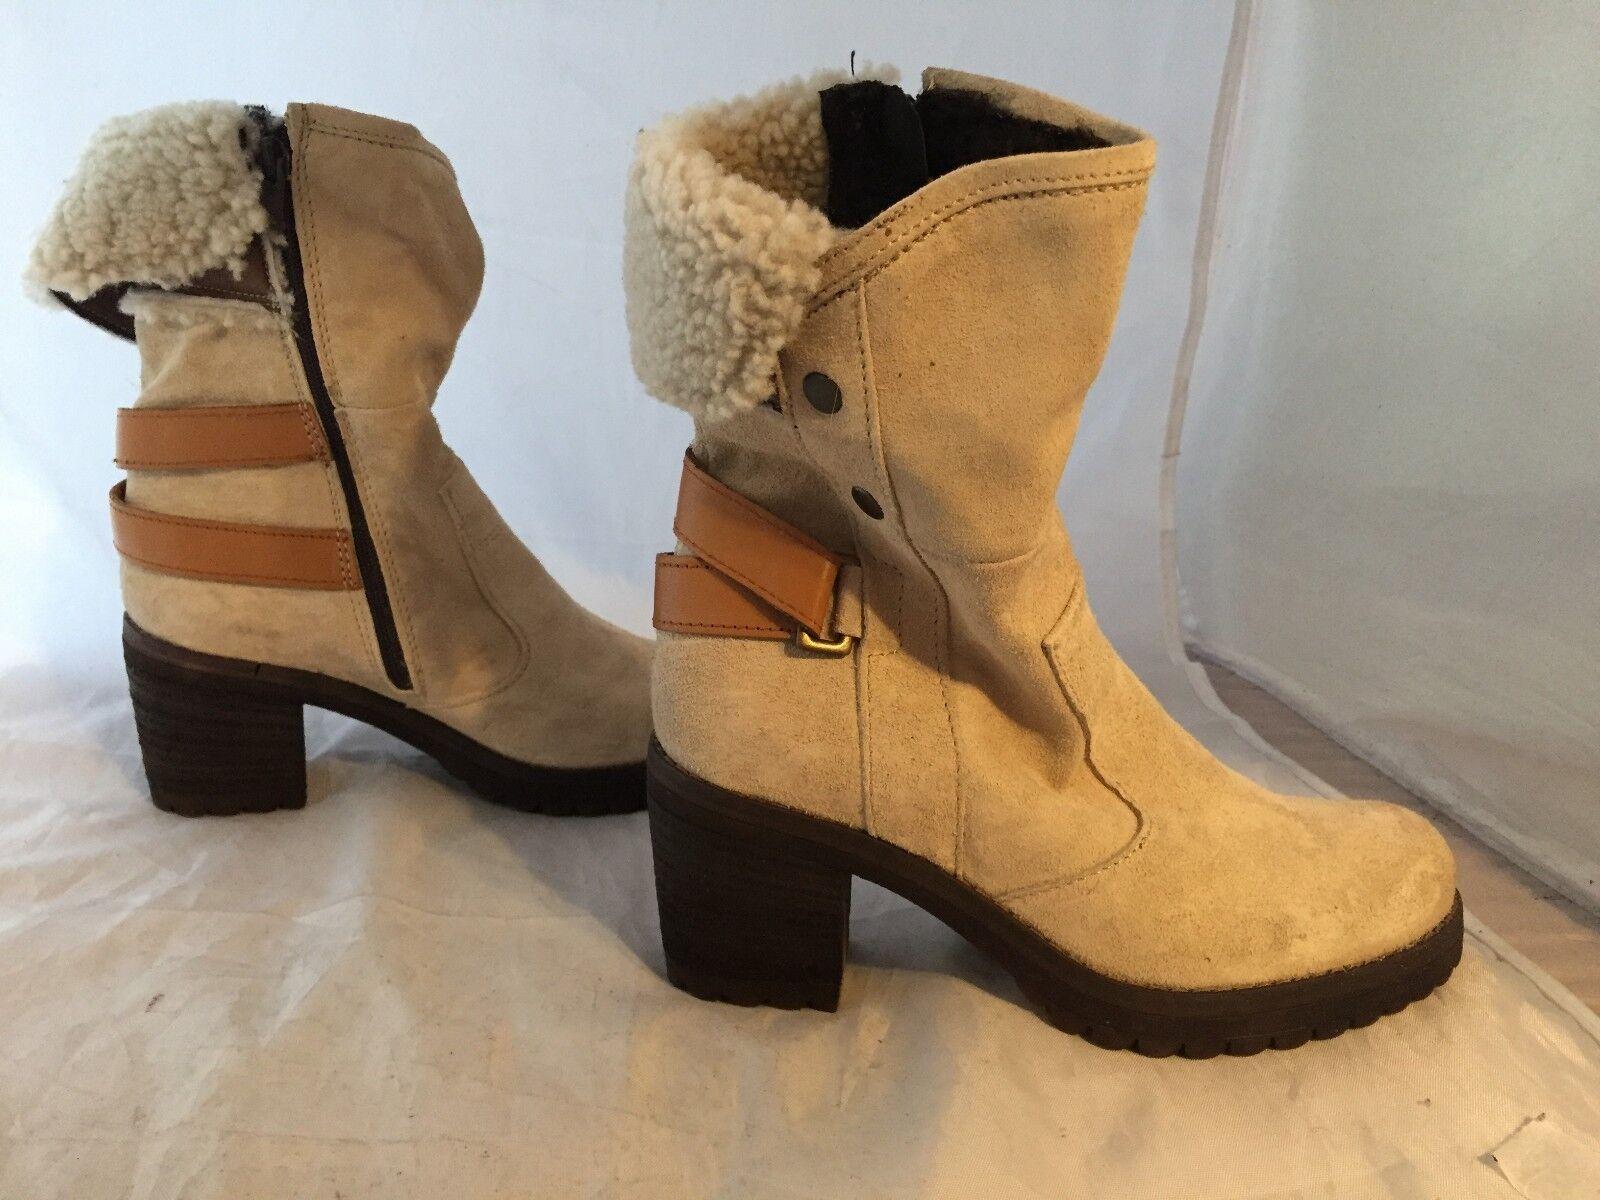 NEW Manas Beige Suede Genuine Shearling Stiefel, damen Größe 37 (6.5-7 US)  300